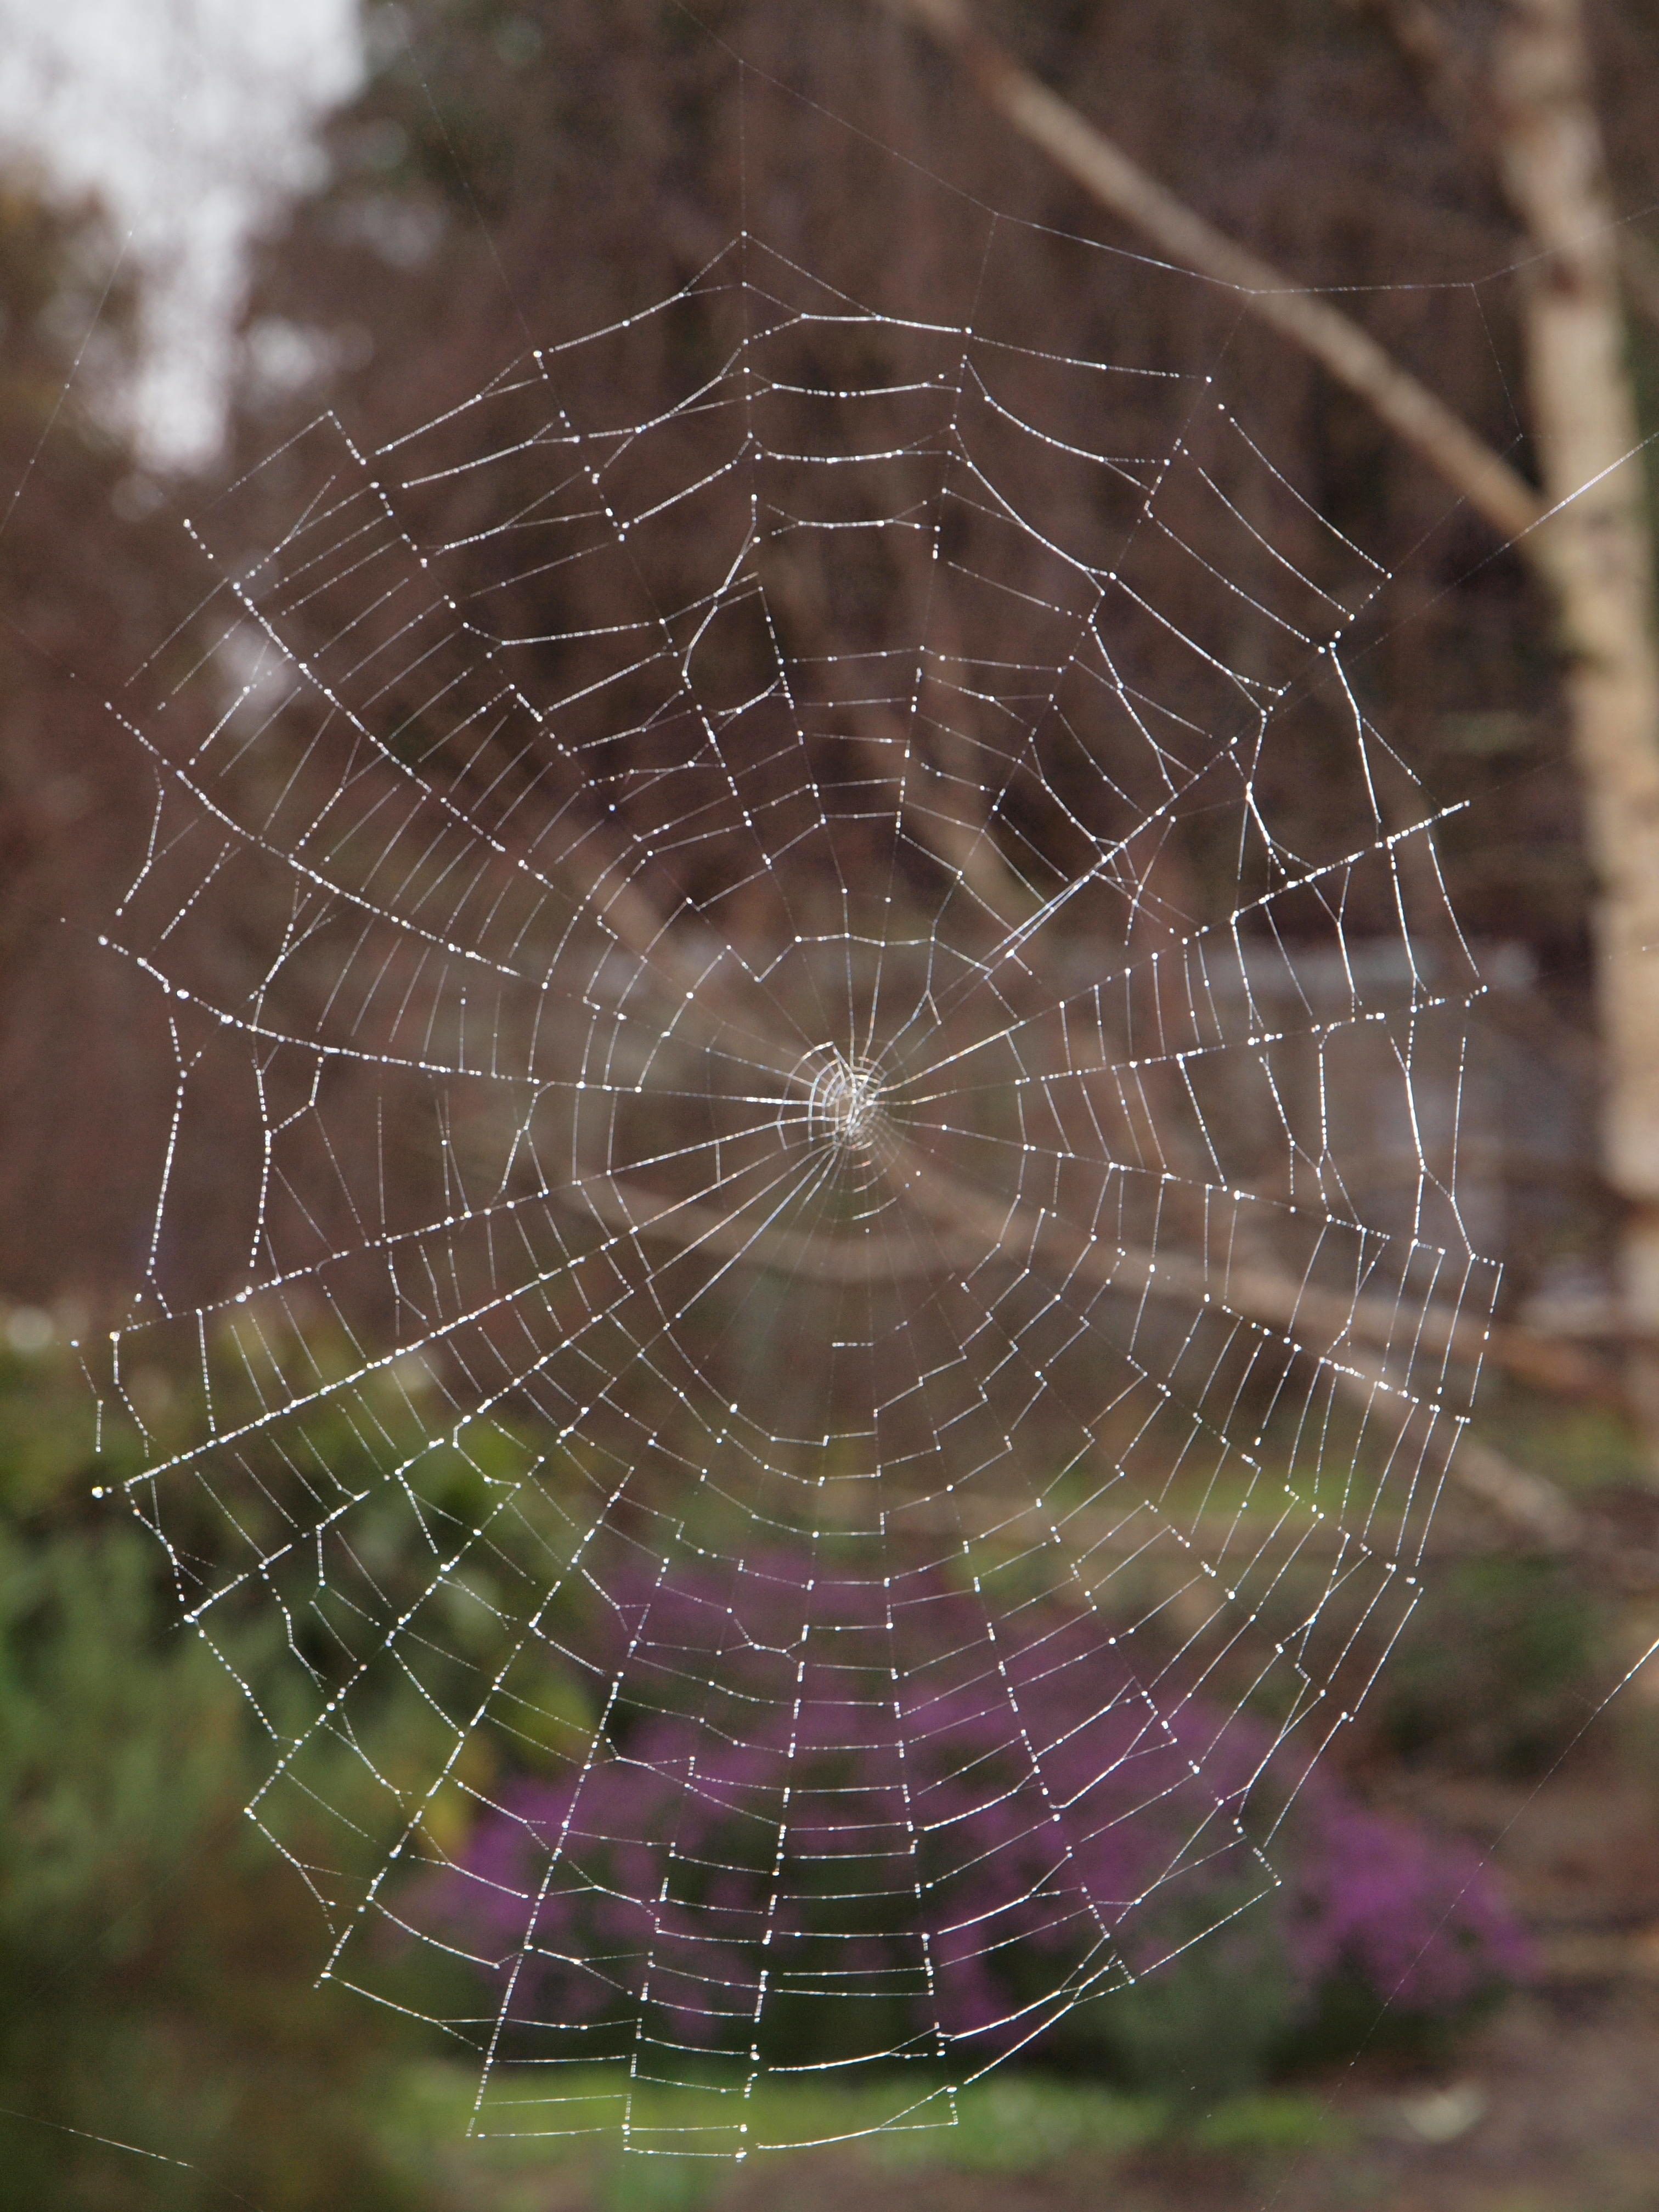 Spiders-web-1.jpeg